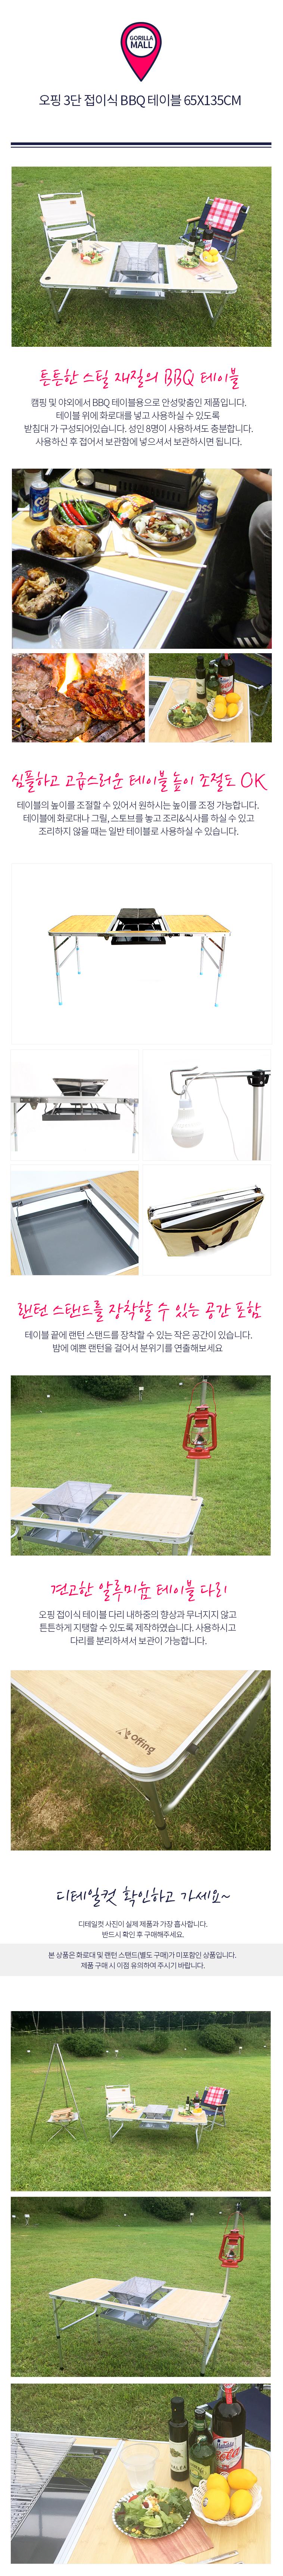 오핑 3단 접이식 BBQ 테이블 65X135cm 차박 캡핑 - 네모, 83,900원, 캠핑소품, 캠핑용품